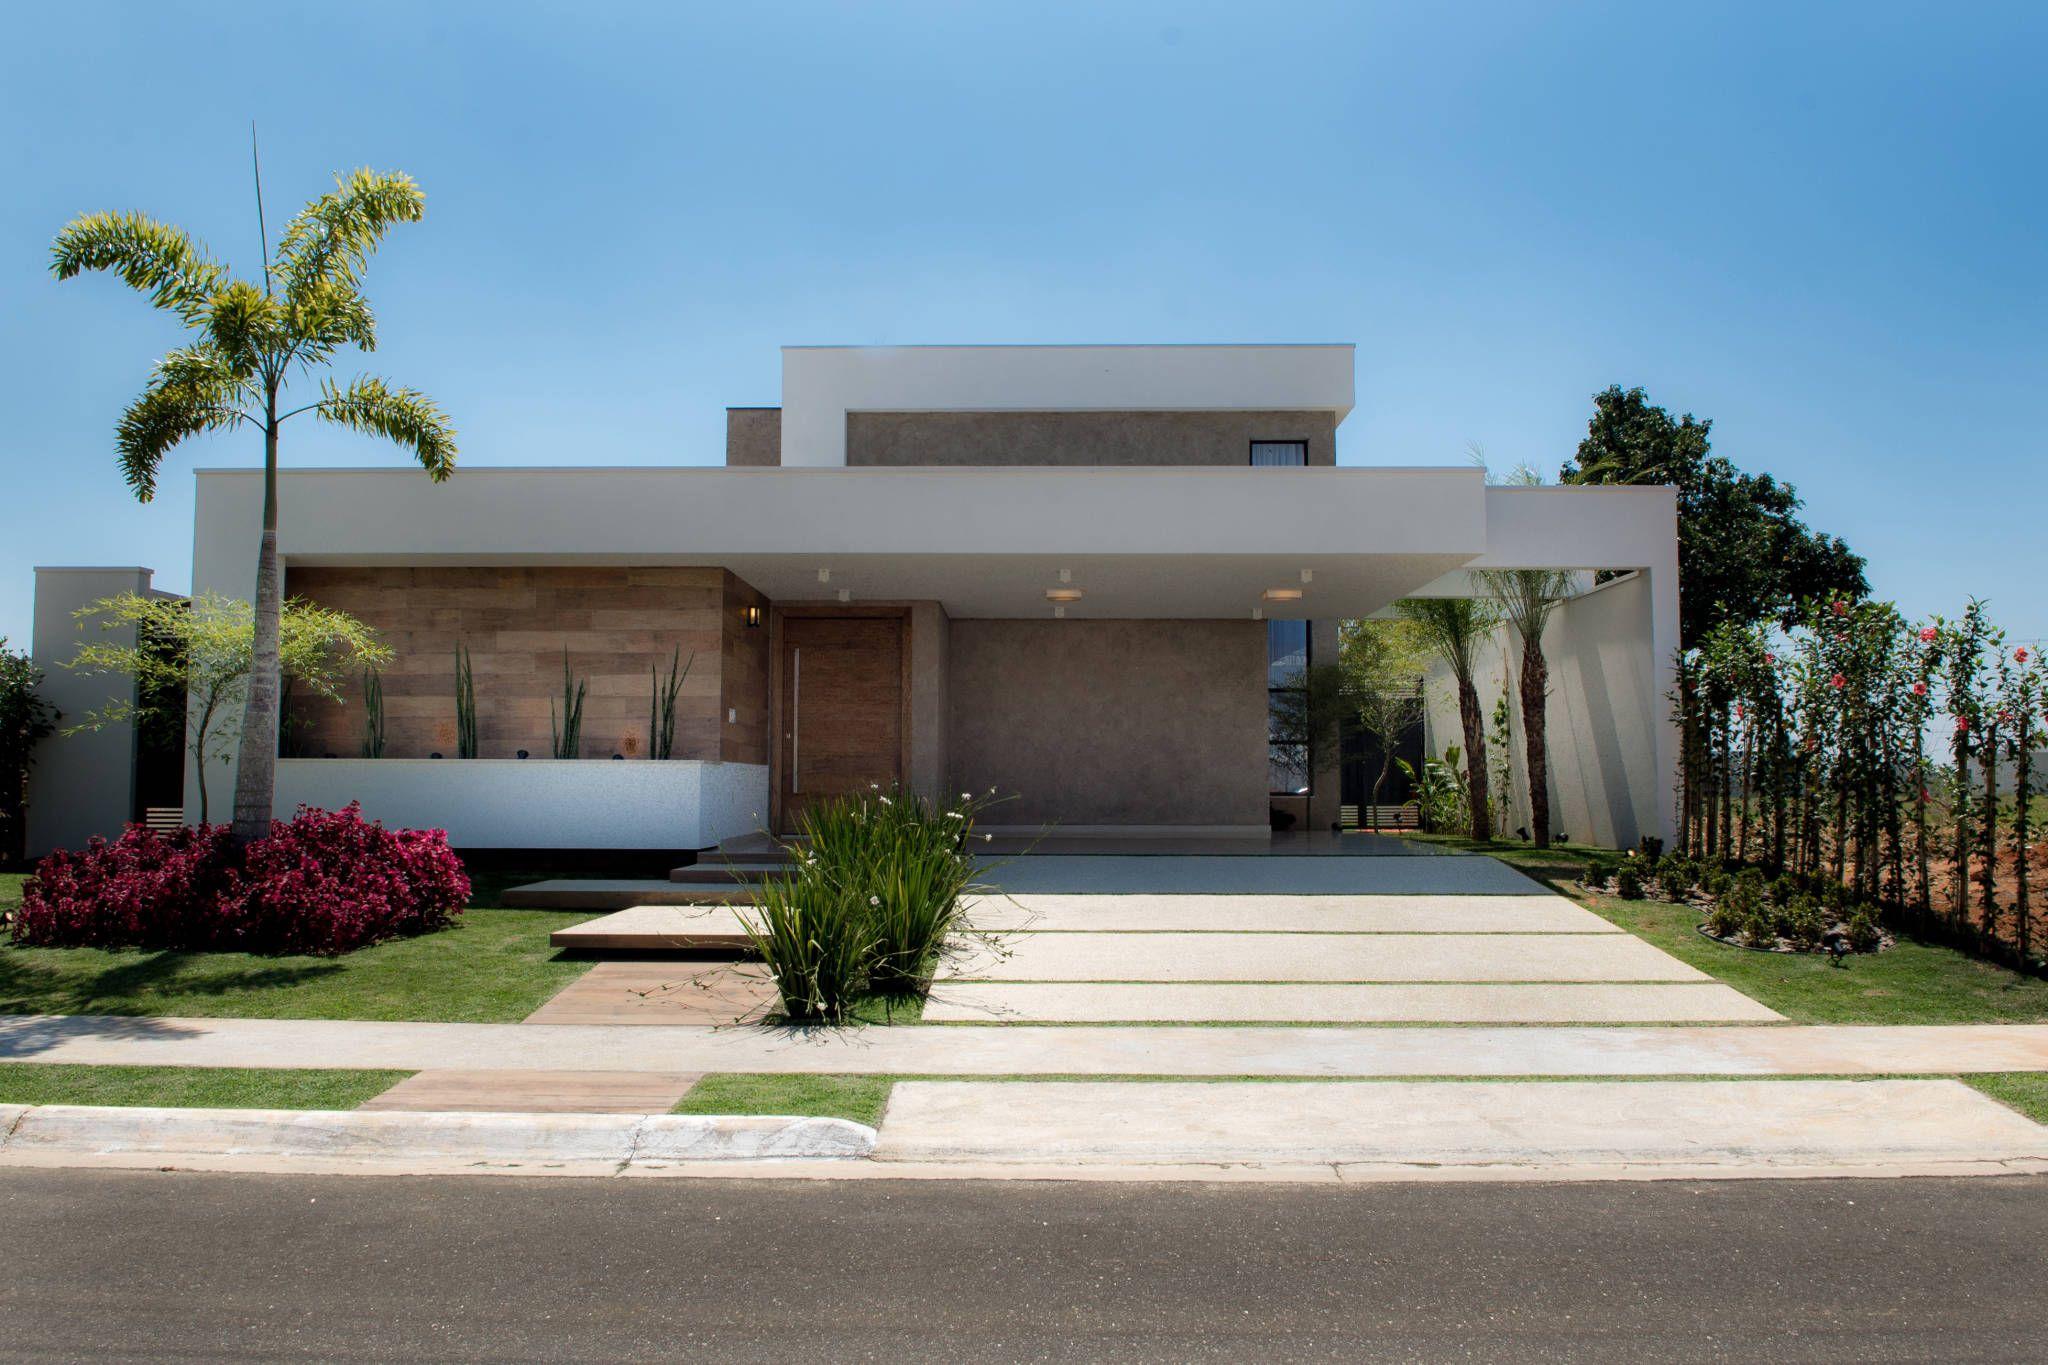 Fotos de casas de estilo moderno en blanco de camila for Fachadas de casas estilo moderno